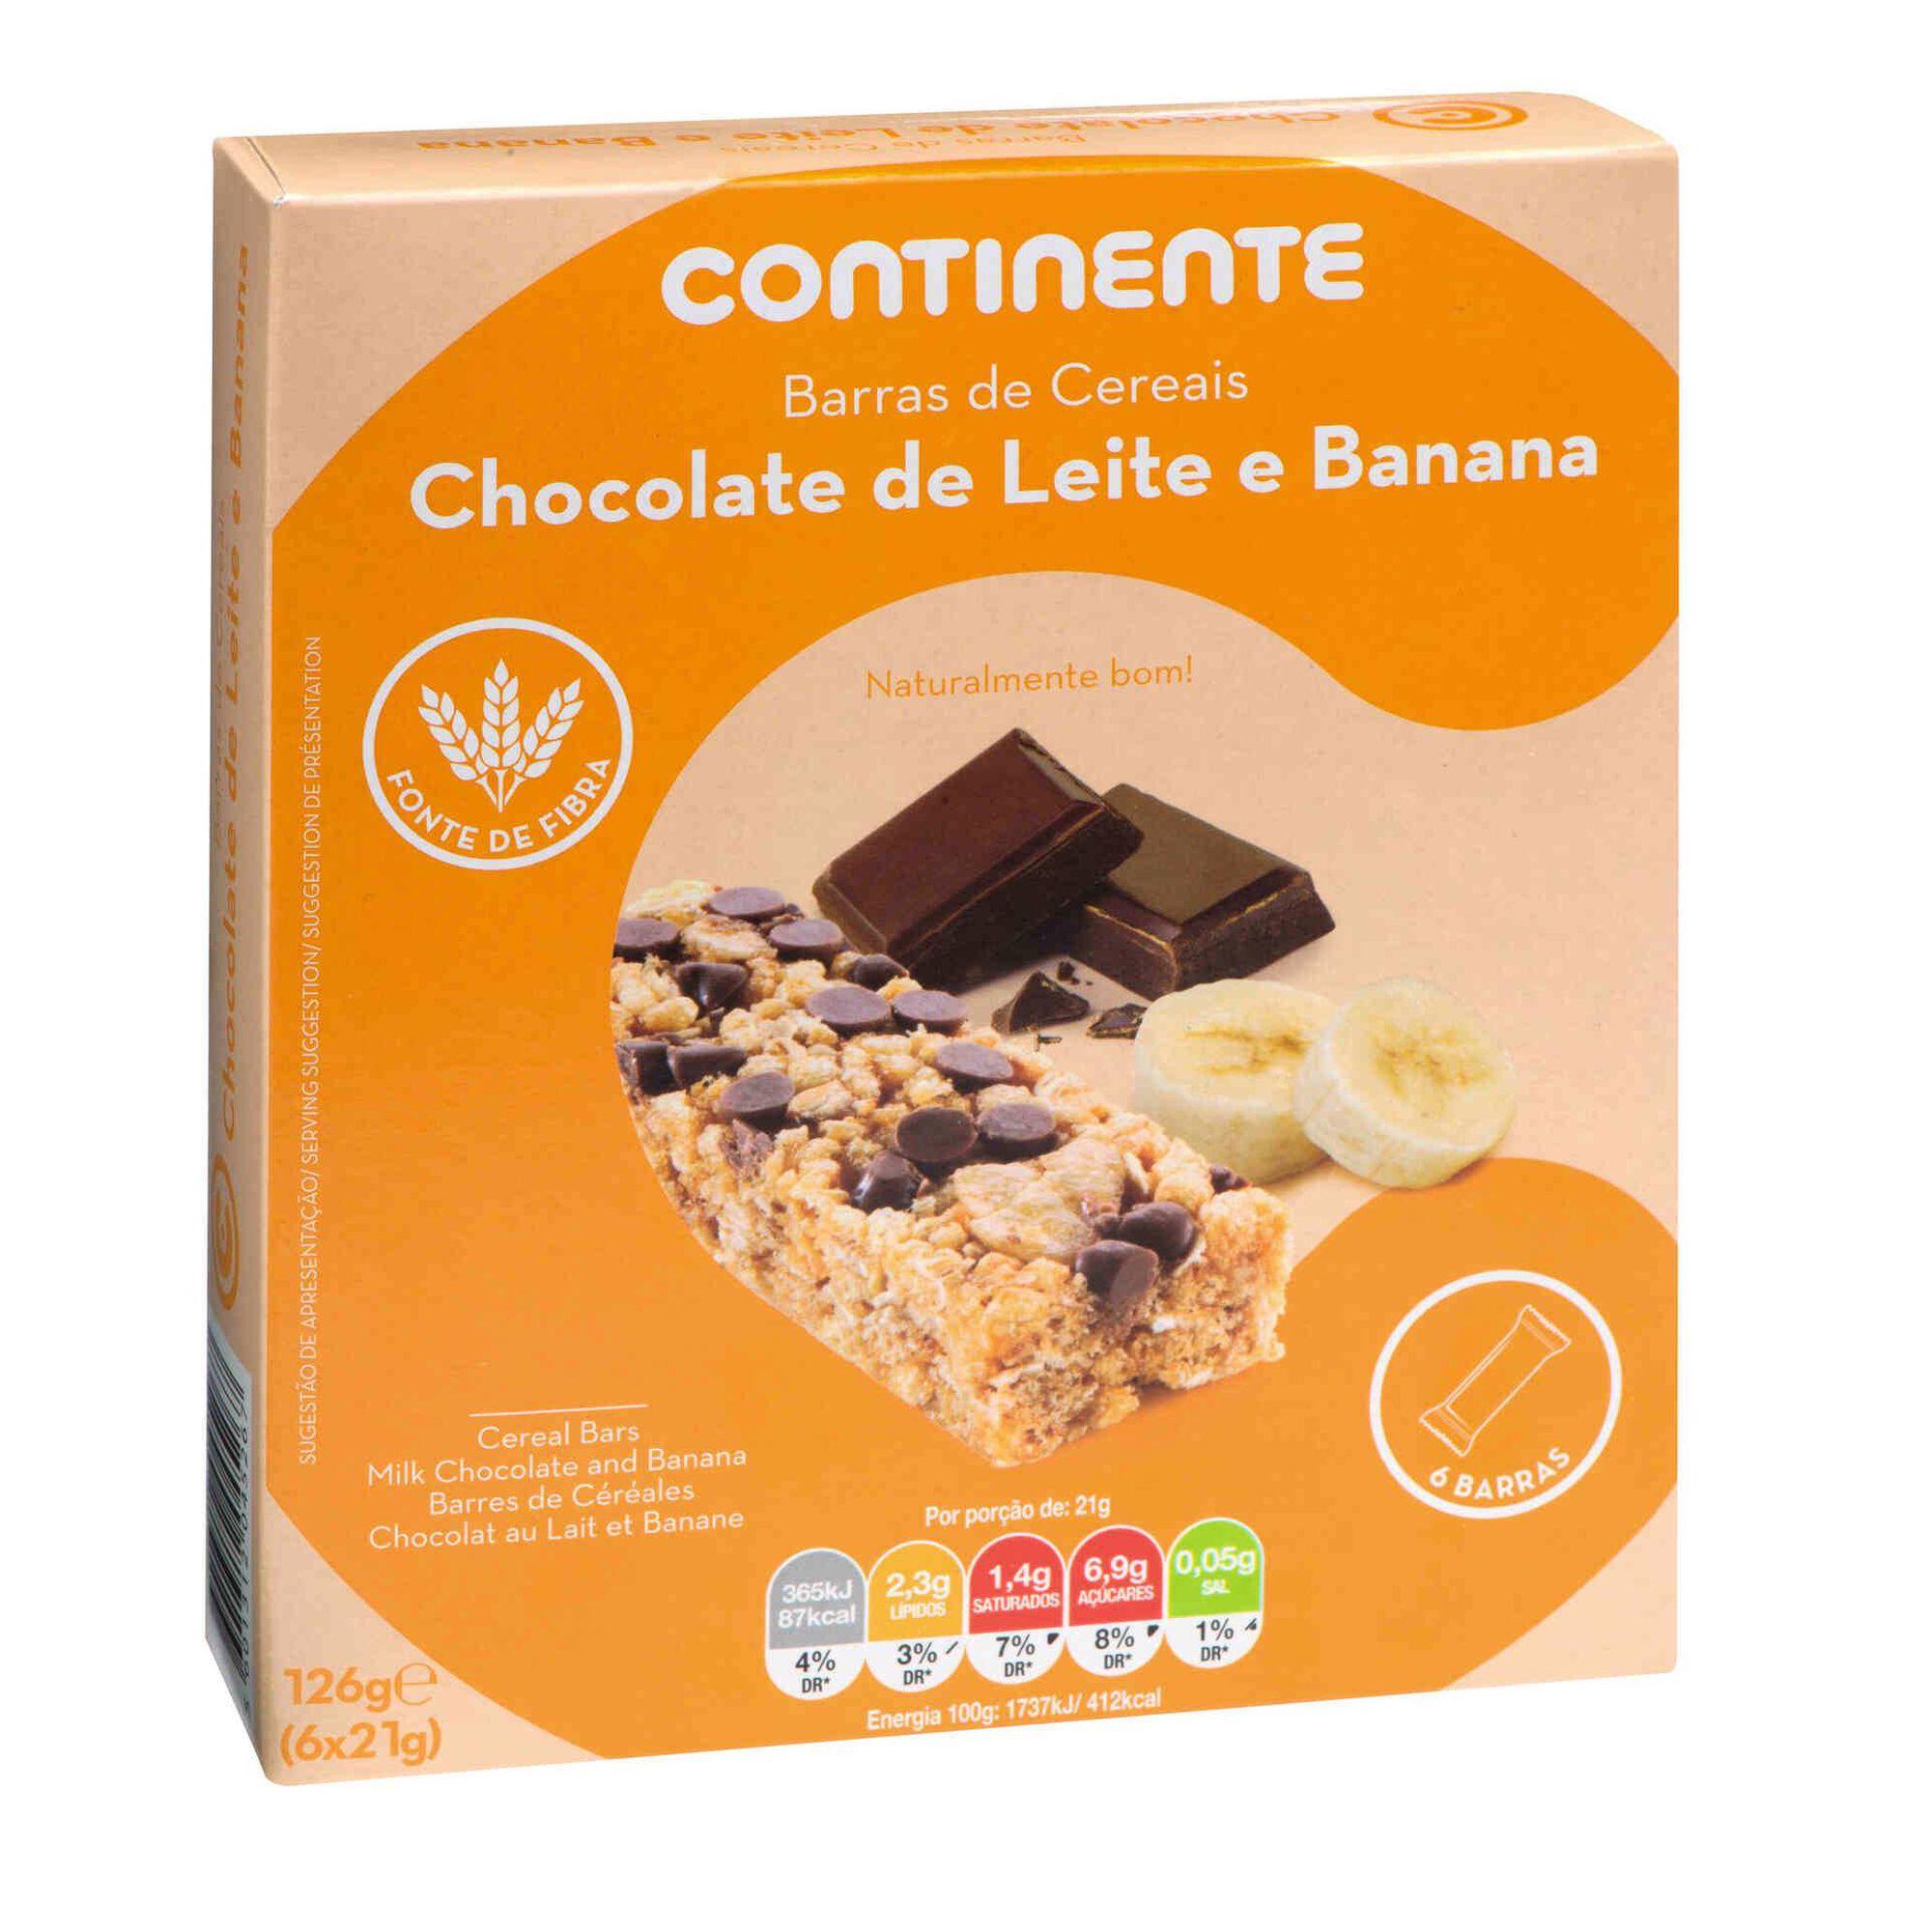 Barras de Cereais Chocolate de Leite e Banana